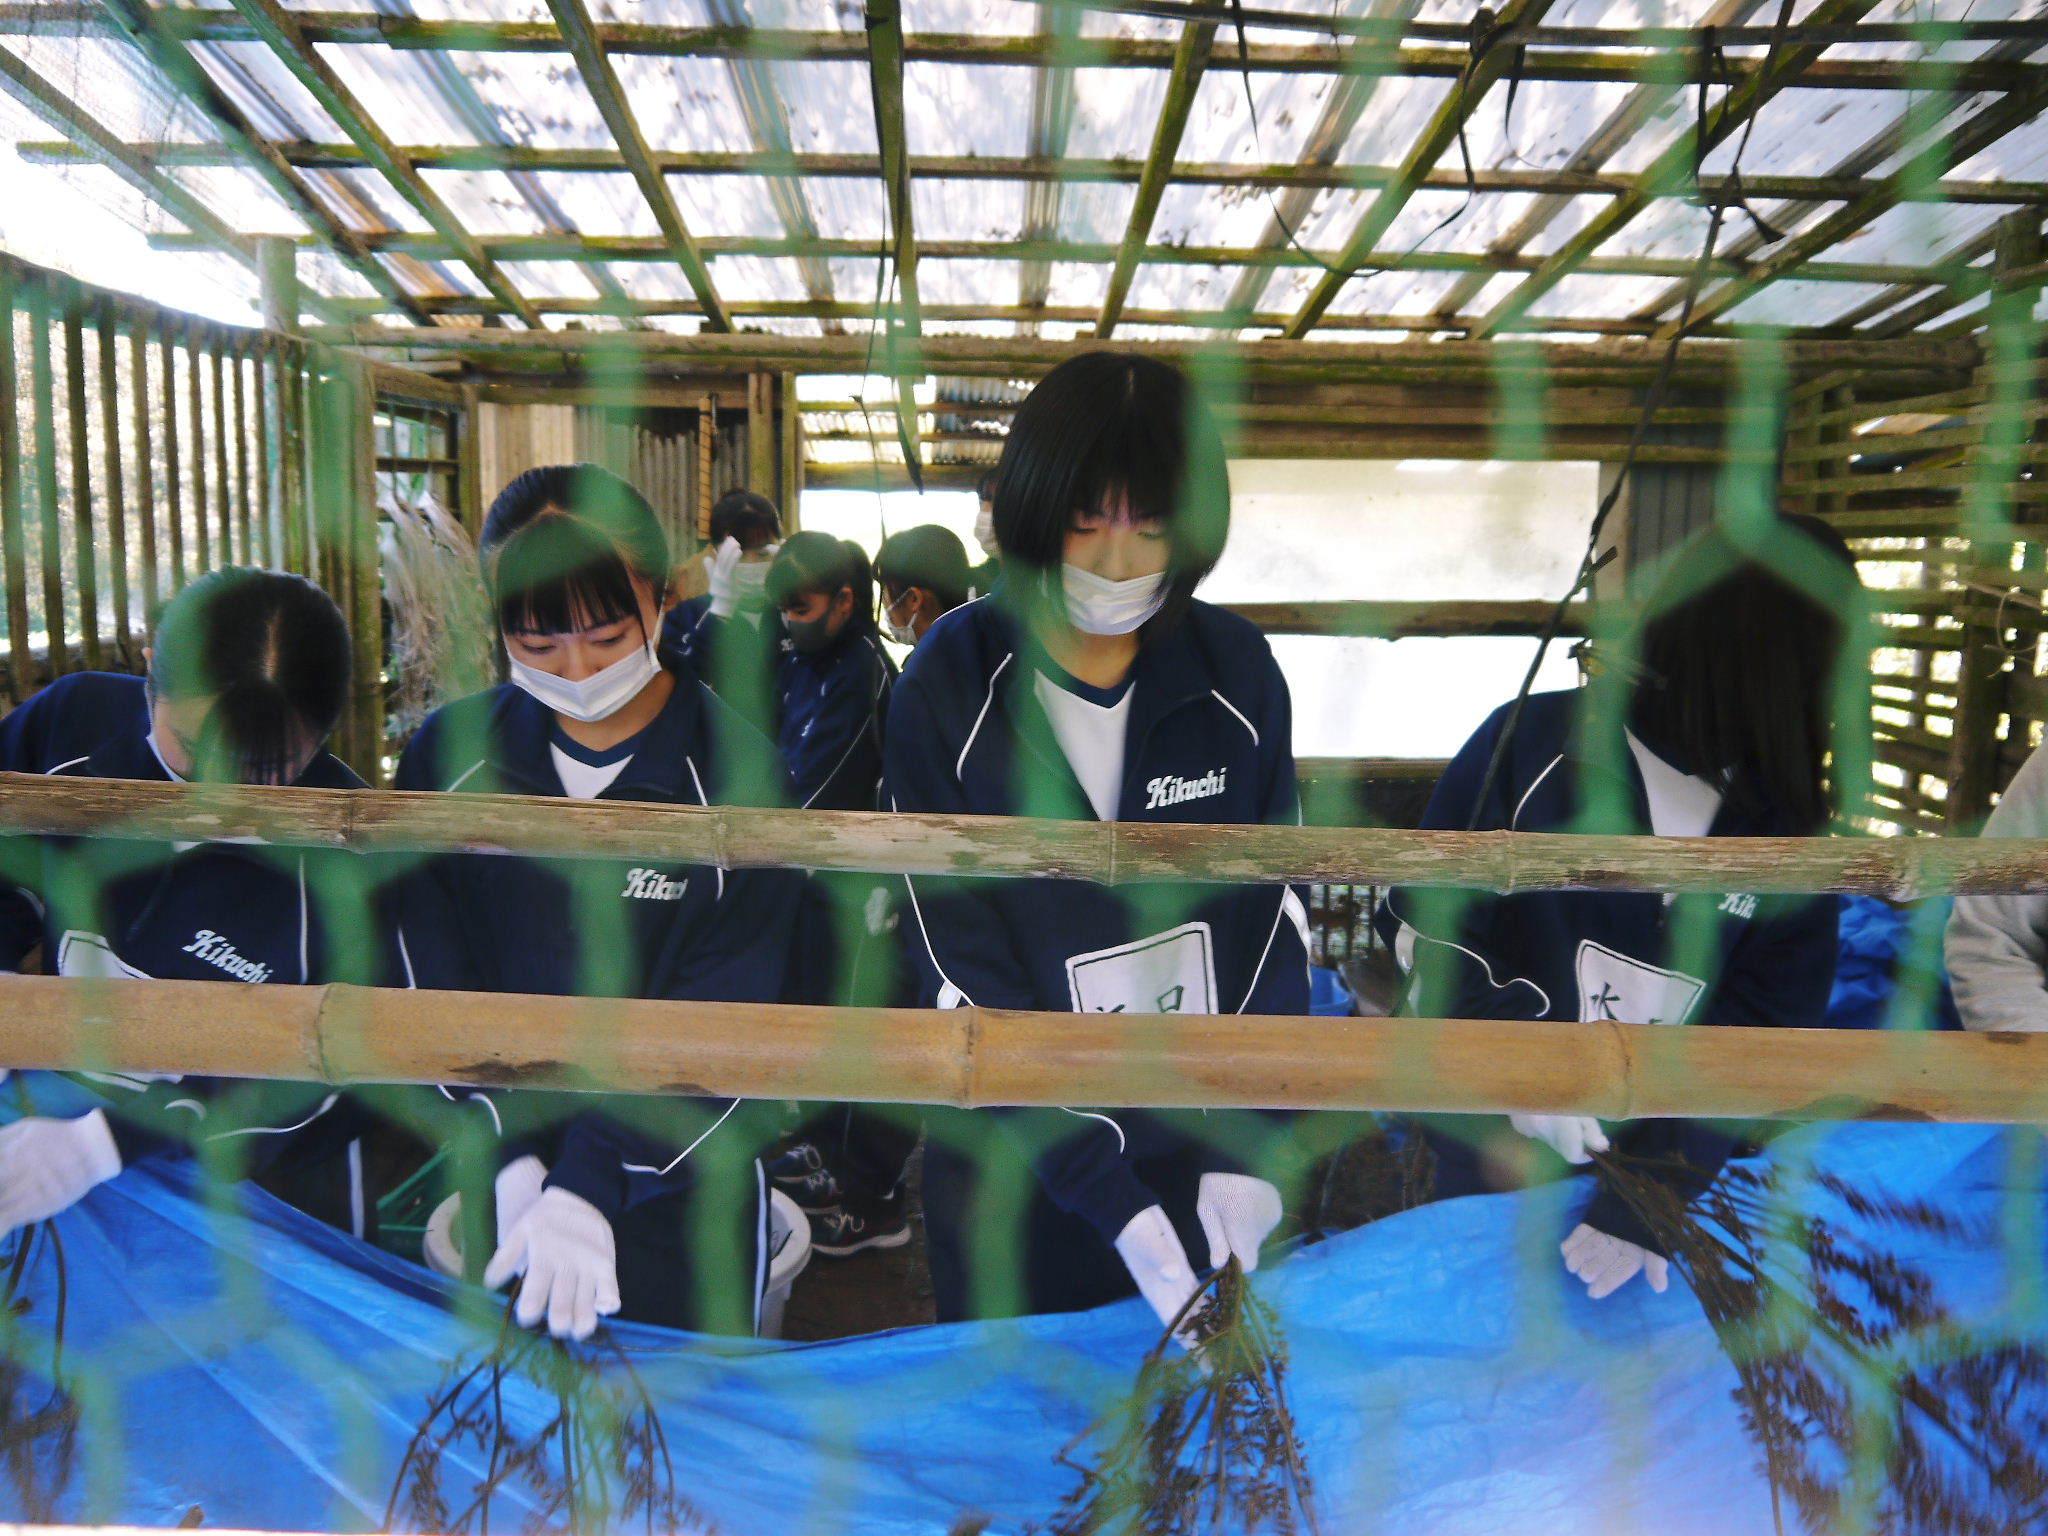 熊本県立菊池高等学校の生徒さんたちが研修にやってきました!(2020/前編)_a0254656_19251904.jpg